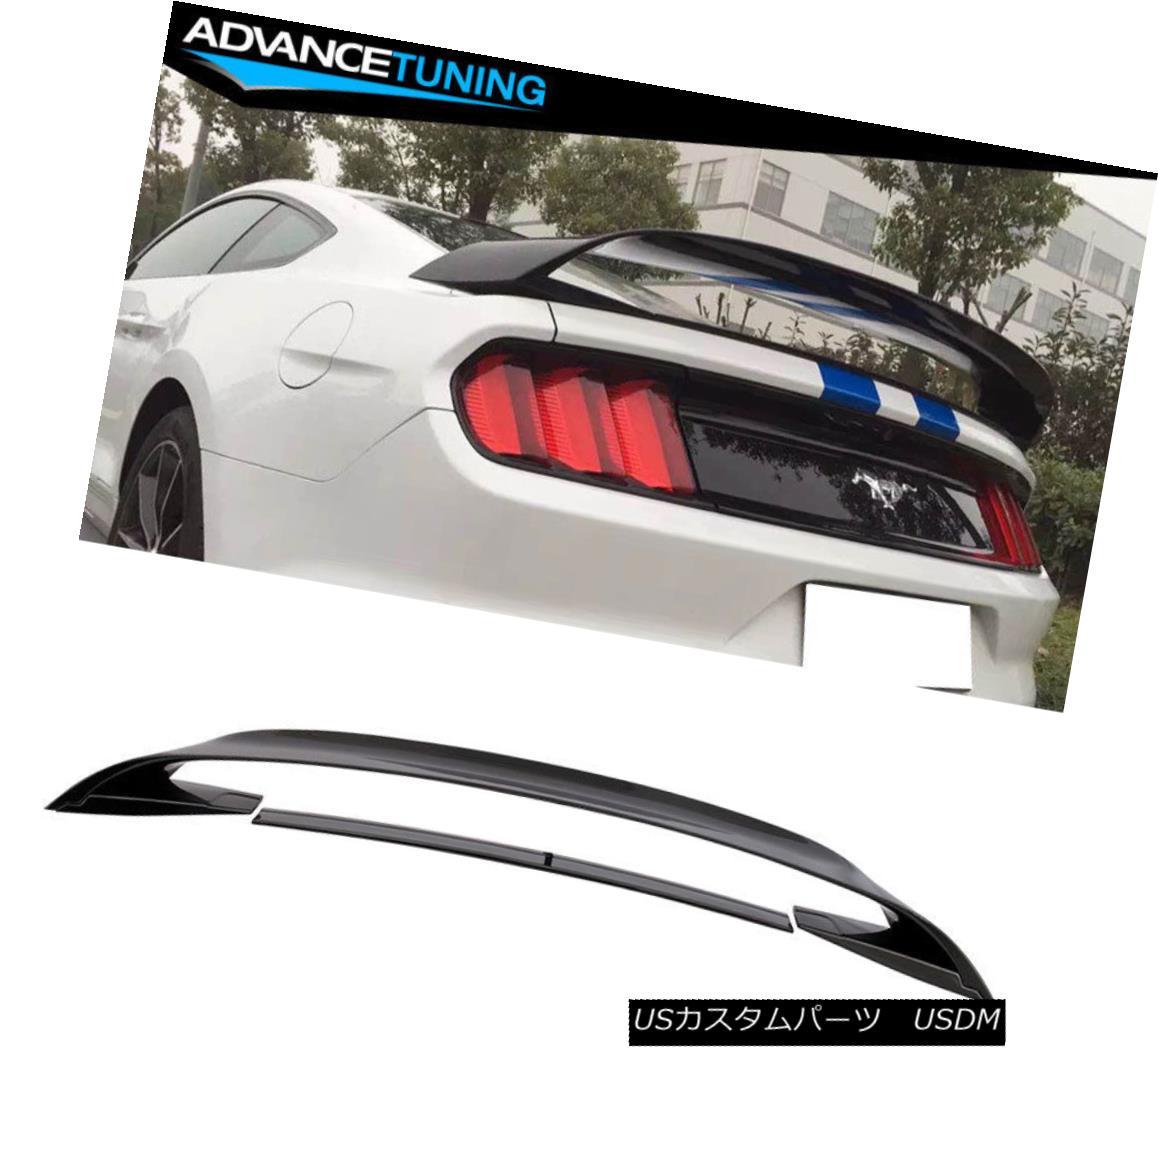 エアロパーツ Fits 15-18 Ford Mustang GT350 GT350R Style Trunk Spoiler Wing Glossy Black ABS フィット15-18フォードマスタングGT350 GT350RスタイルのトランクスポイラーウィンググロッシーブラックABS